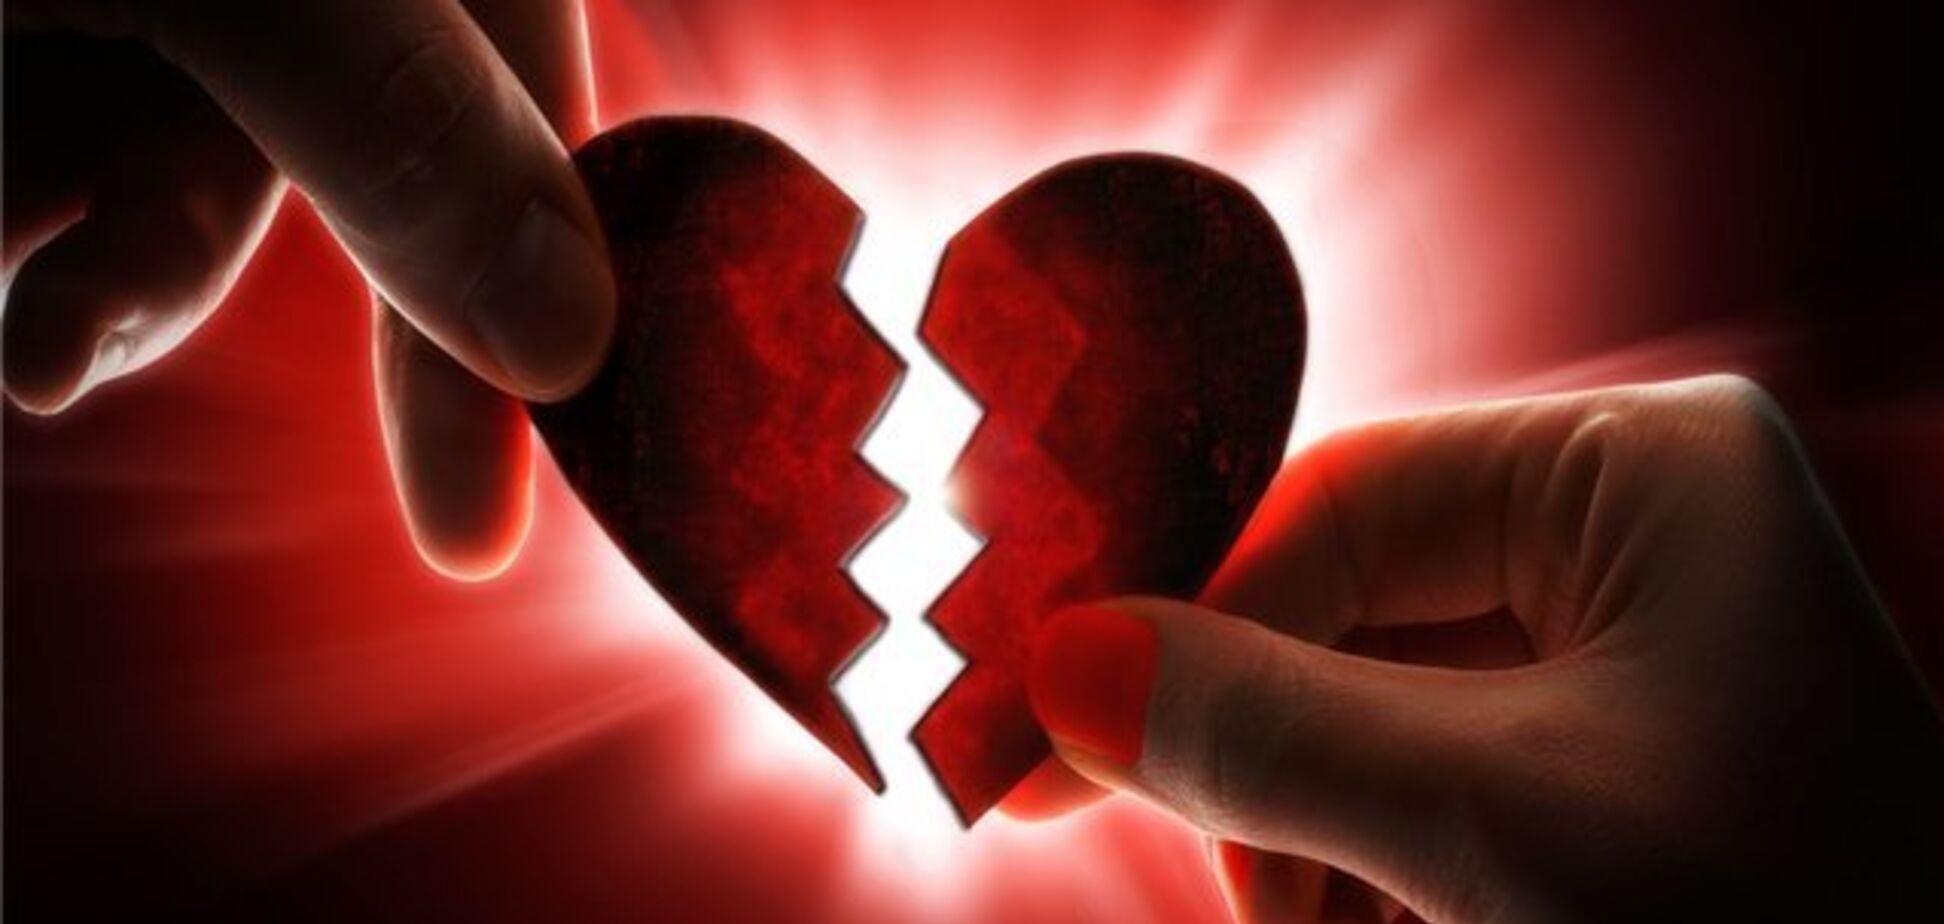 Почему распадаются отношения, или Не ищите себя в другом